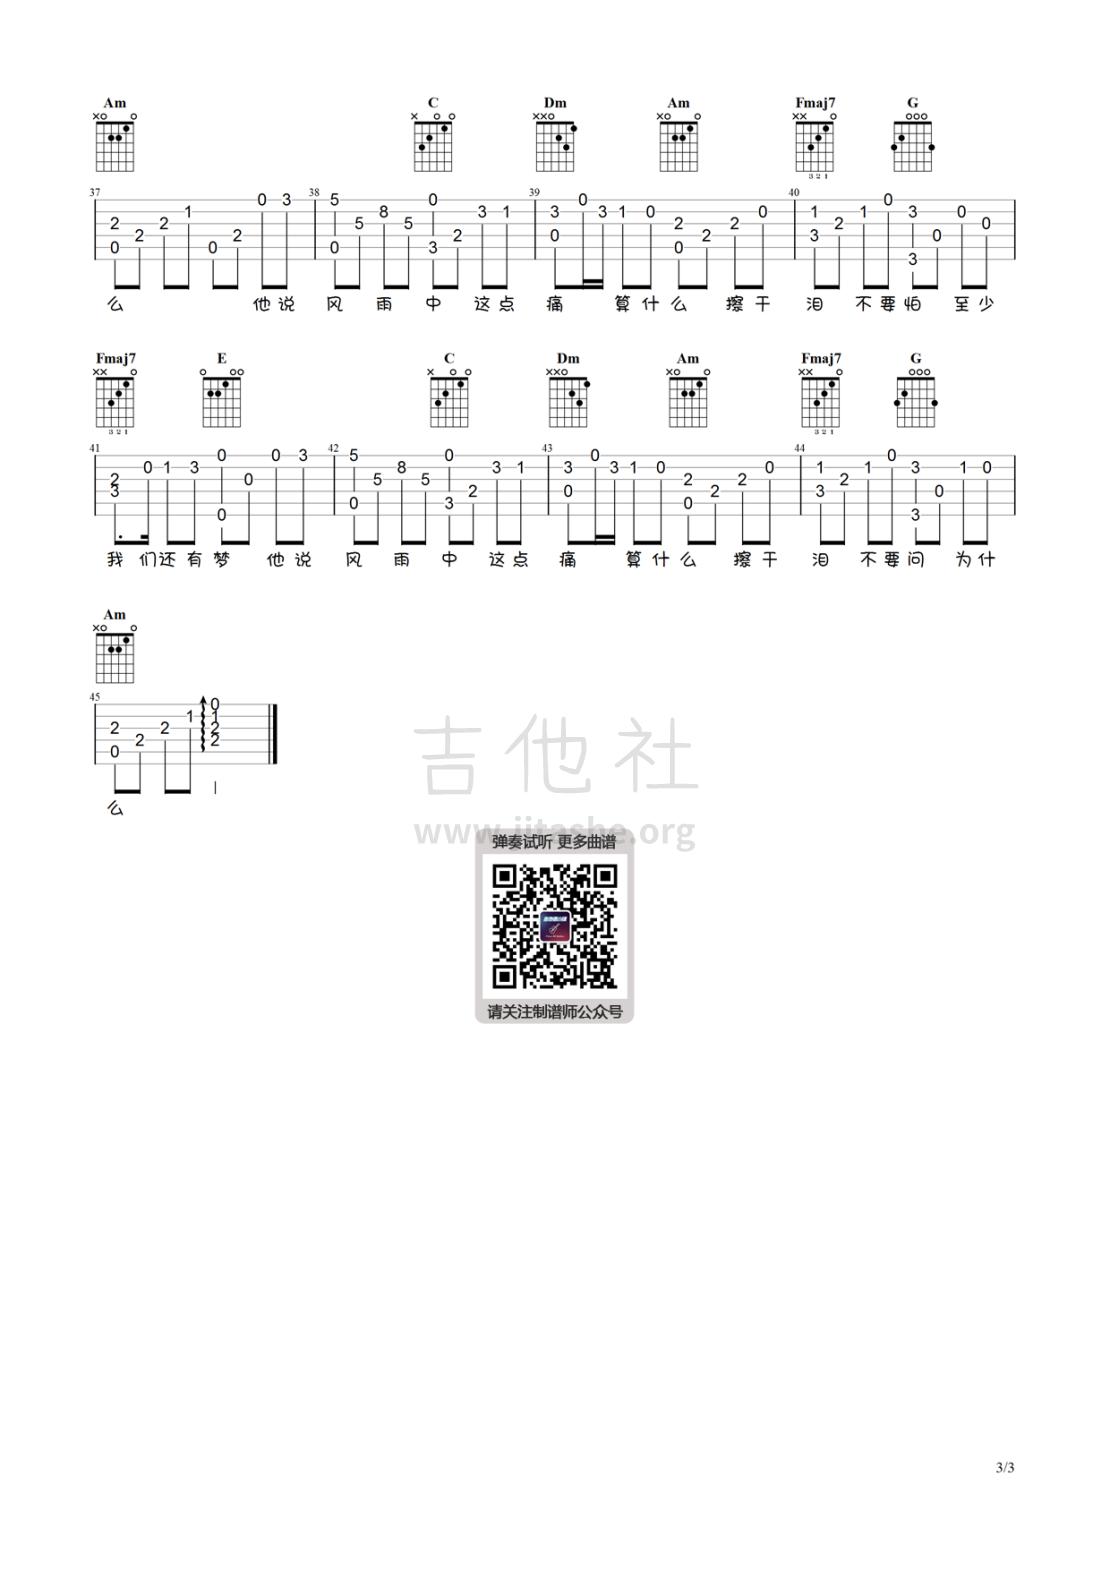 水手(指弹简单版)吉他谱(图片谱,简单版,独奏,指弹)_郑智化_水手#3.png